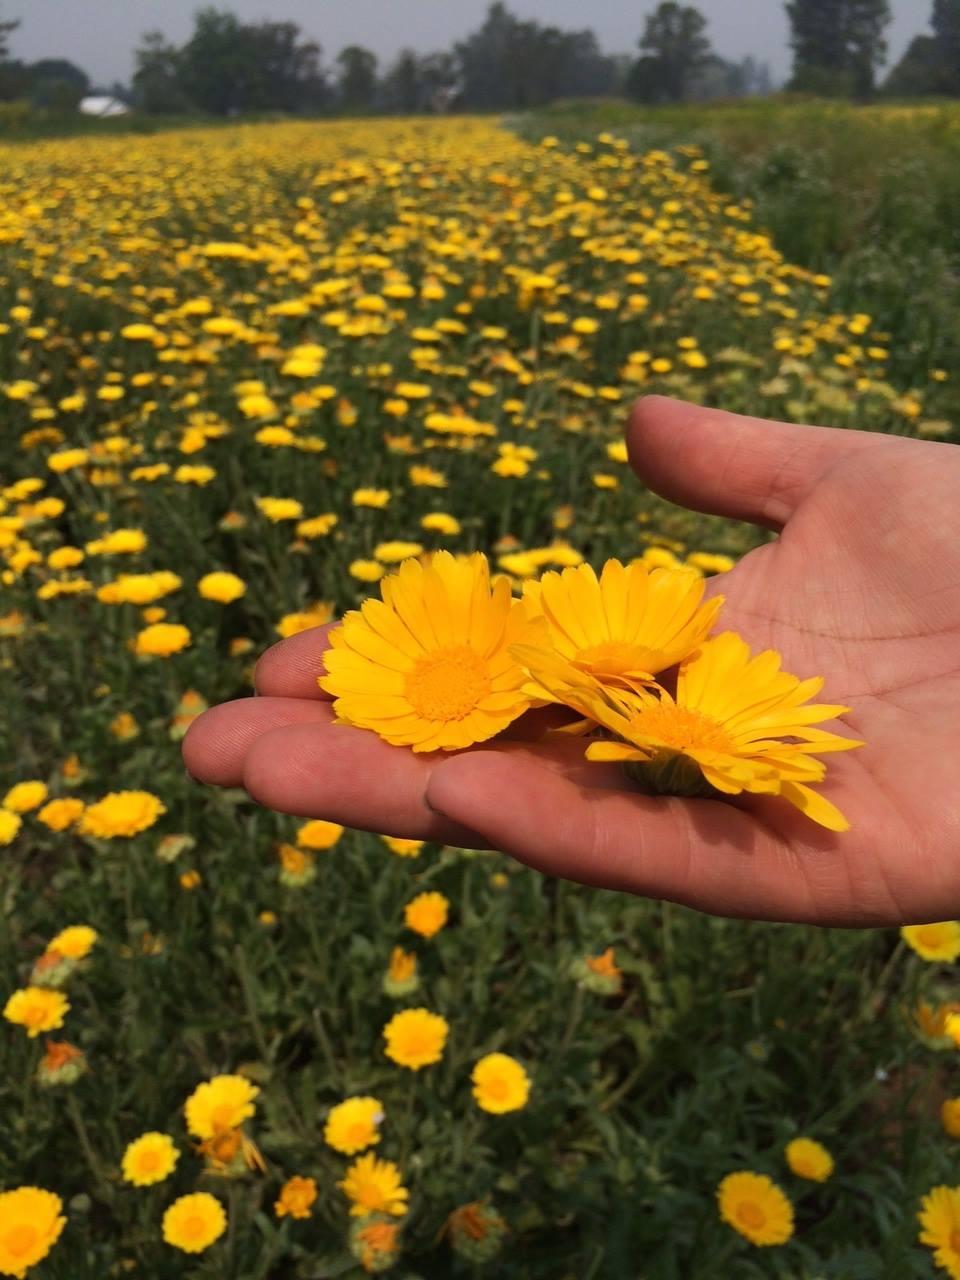 Farmer's hand holding flowers